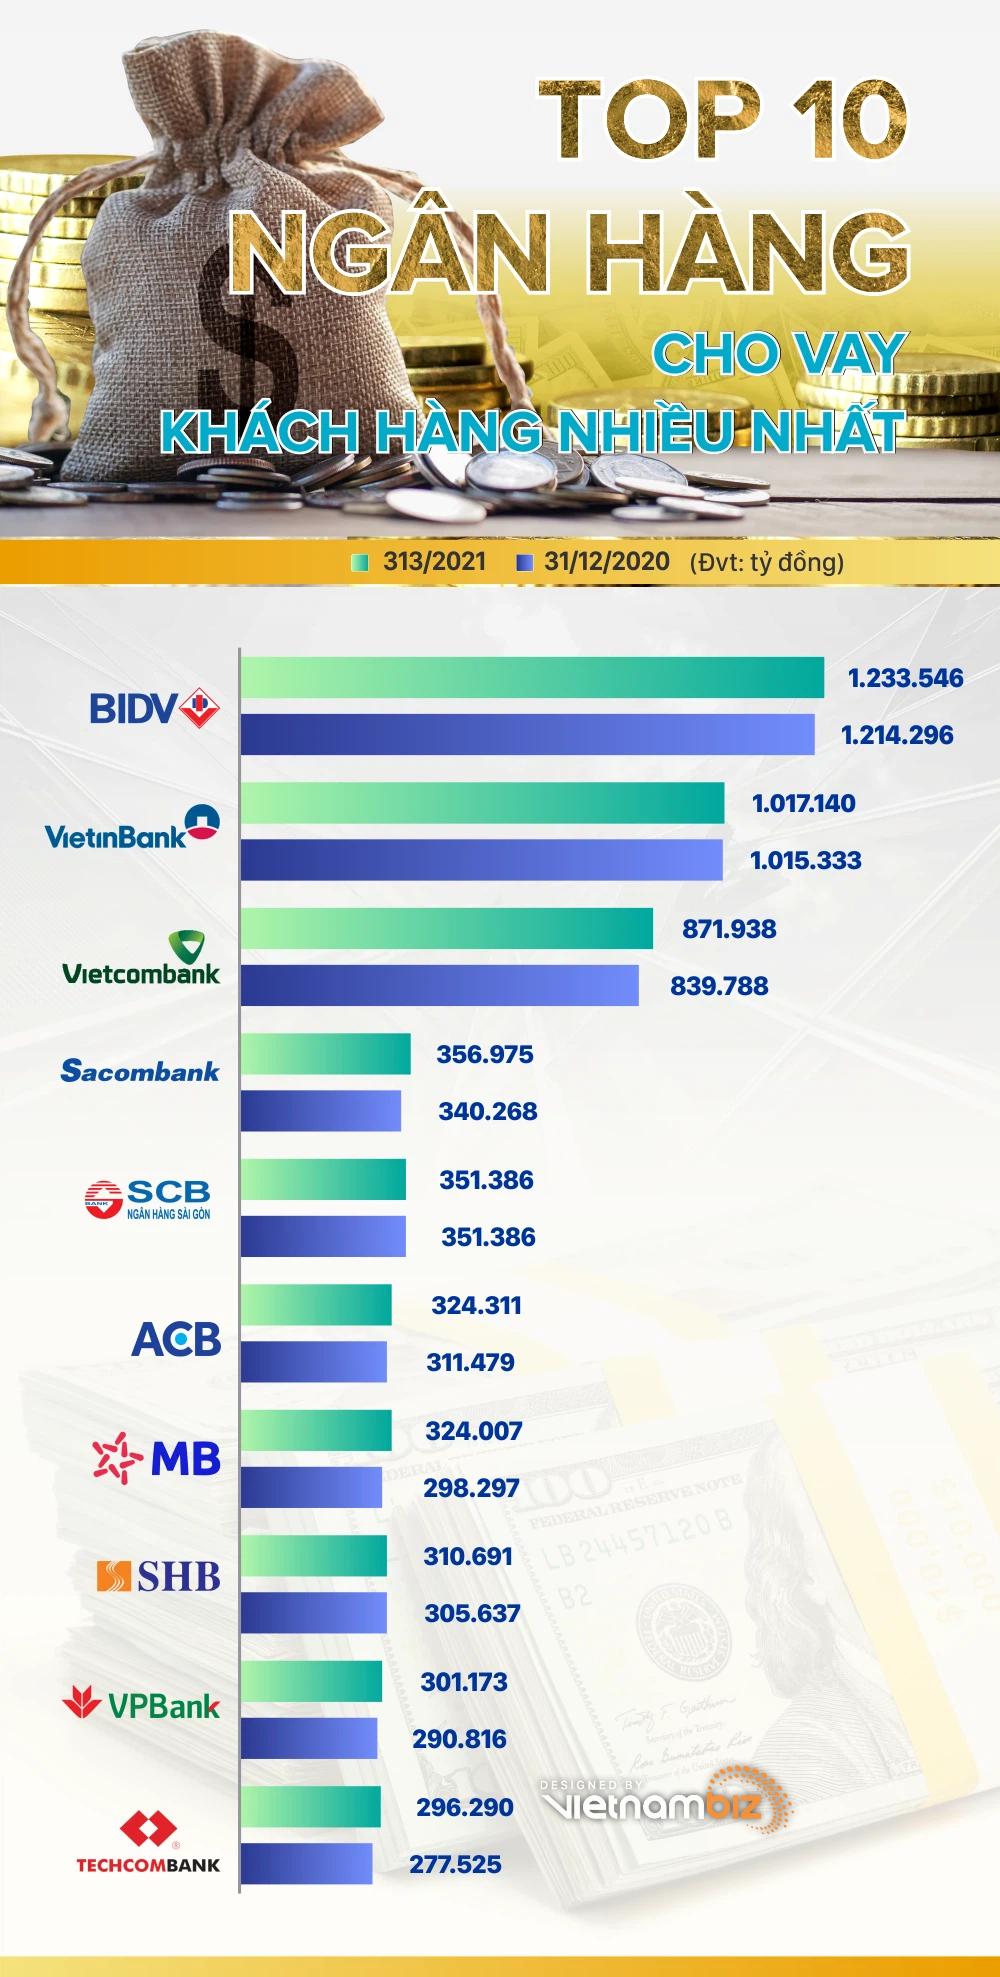 TOP 10 ngân hàng cho vay khách hàng nhiều nhất tính đến cuối quý I/2021 - Ảnh 1.